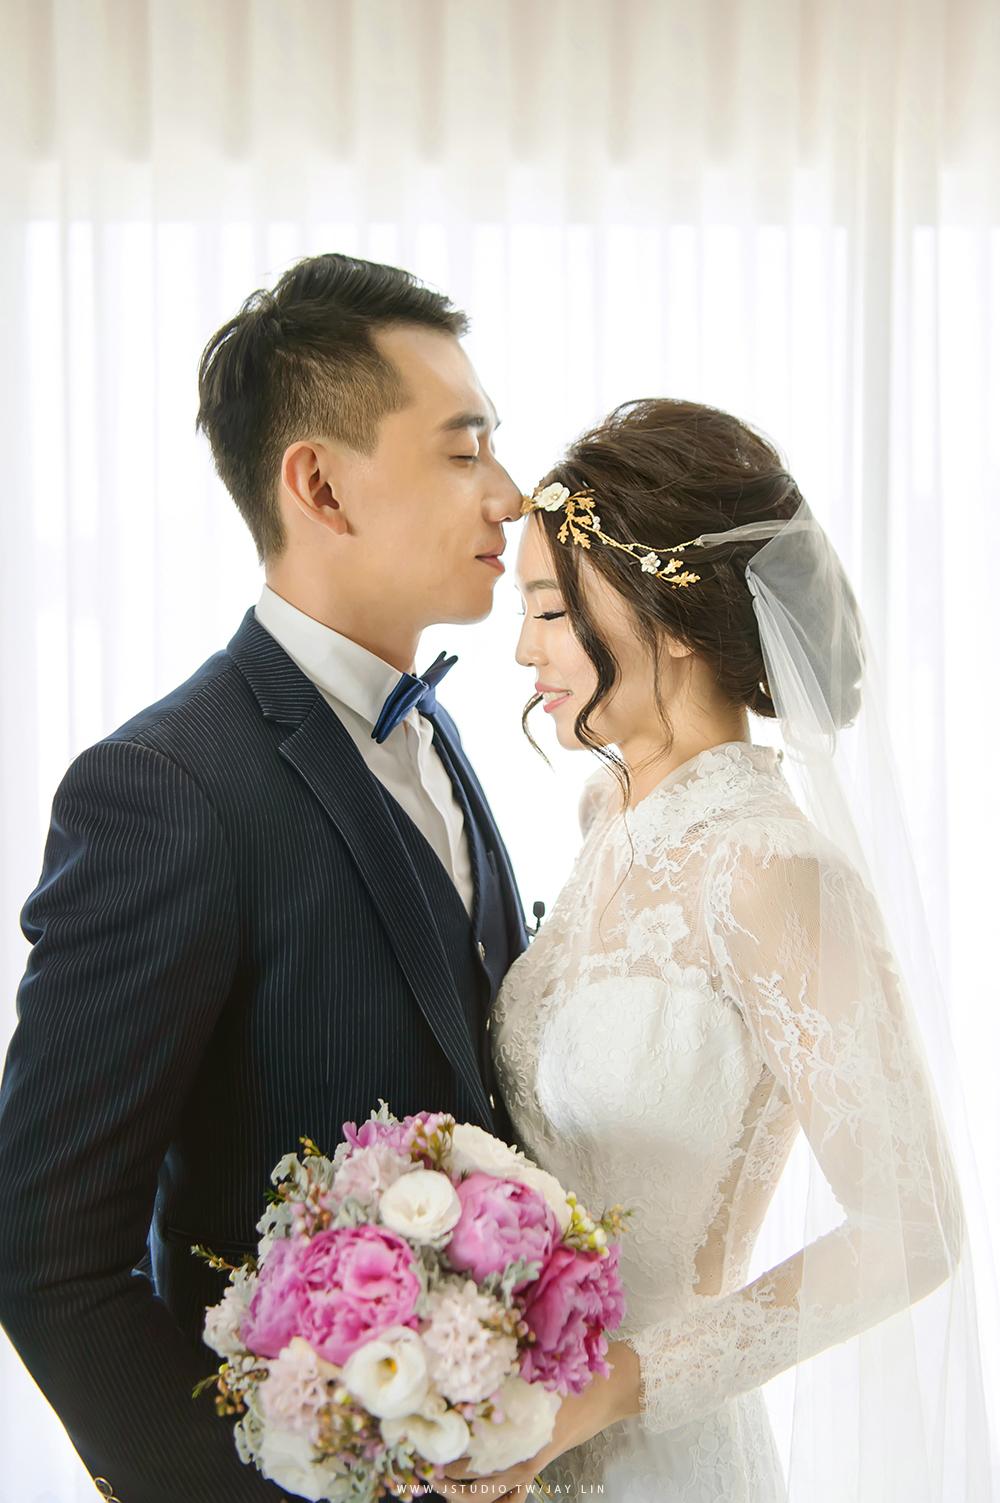 婚攝 台北萬豪酒店 台北婚攝 婚禮紀錄 推薦婚攝 戶外證婚 JSTUDIO_0062